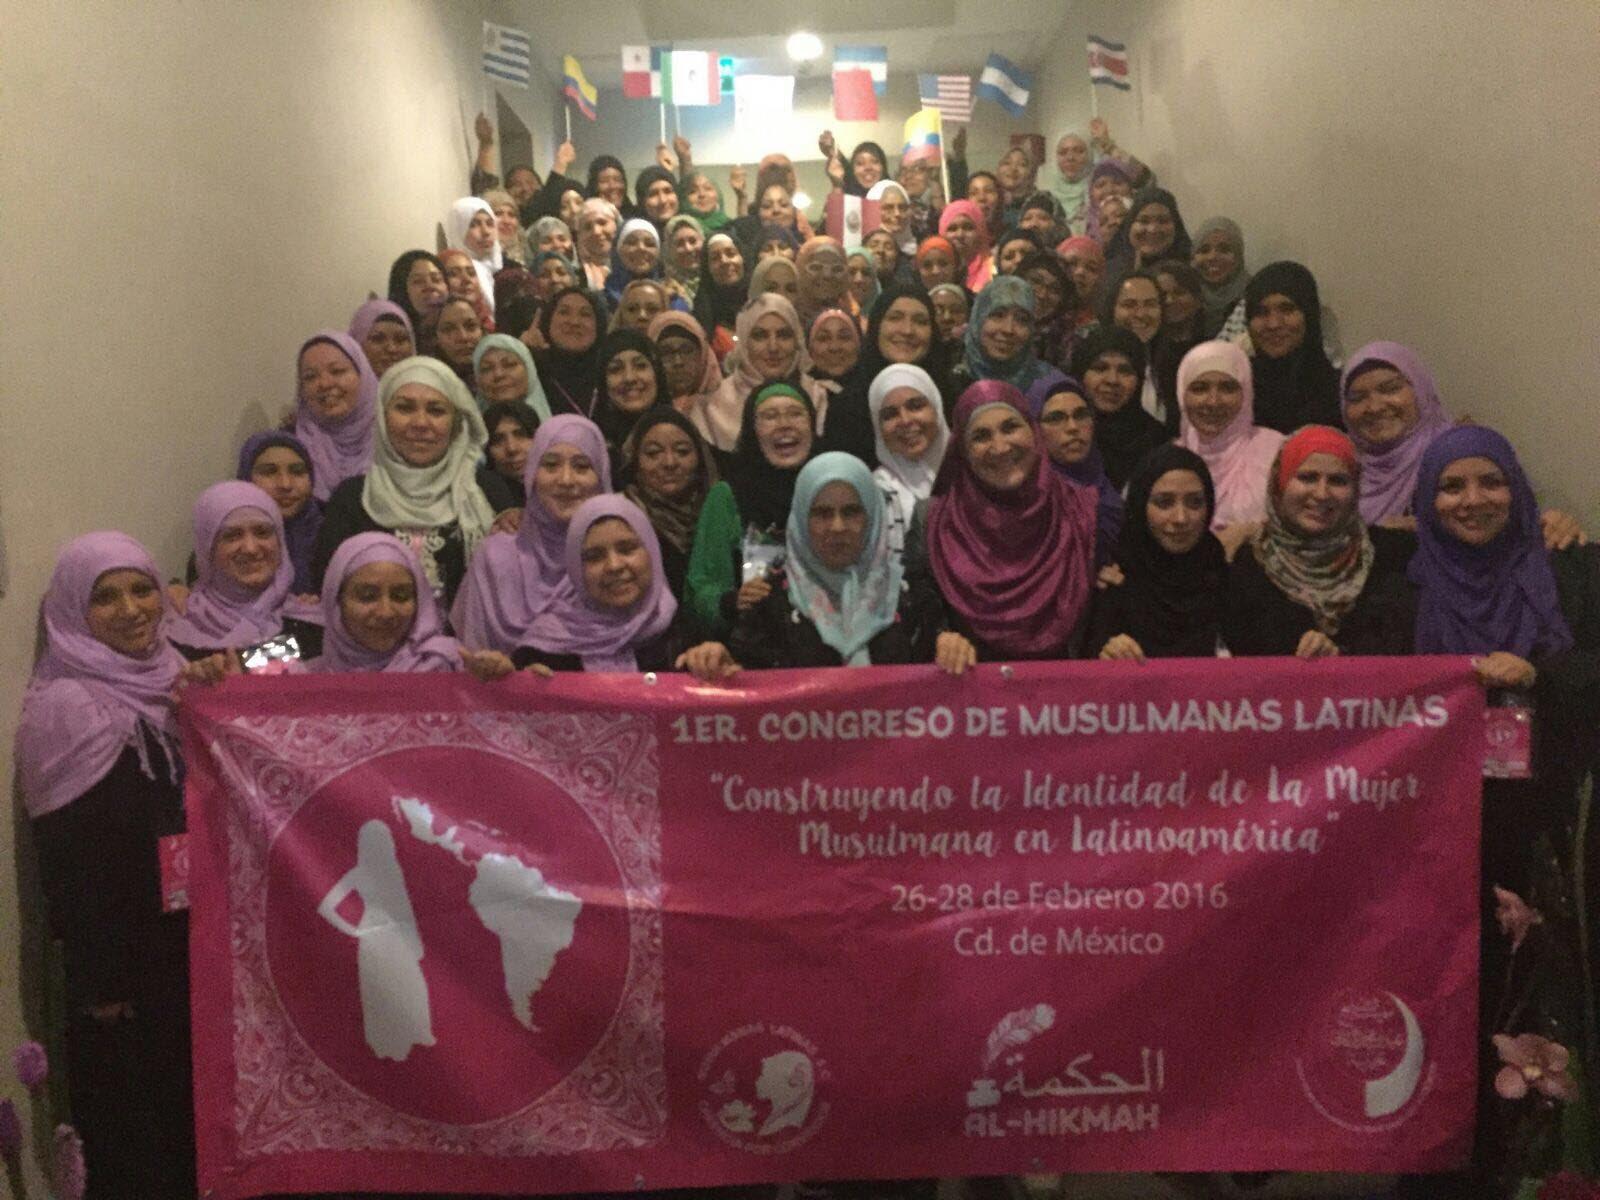 Congreso de Musulmanas Latinas